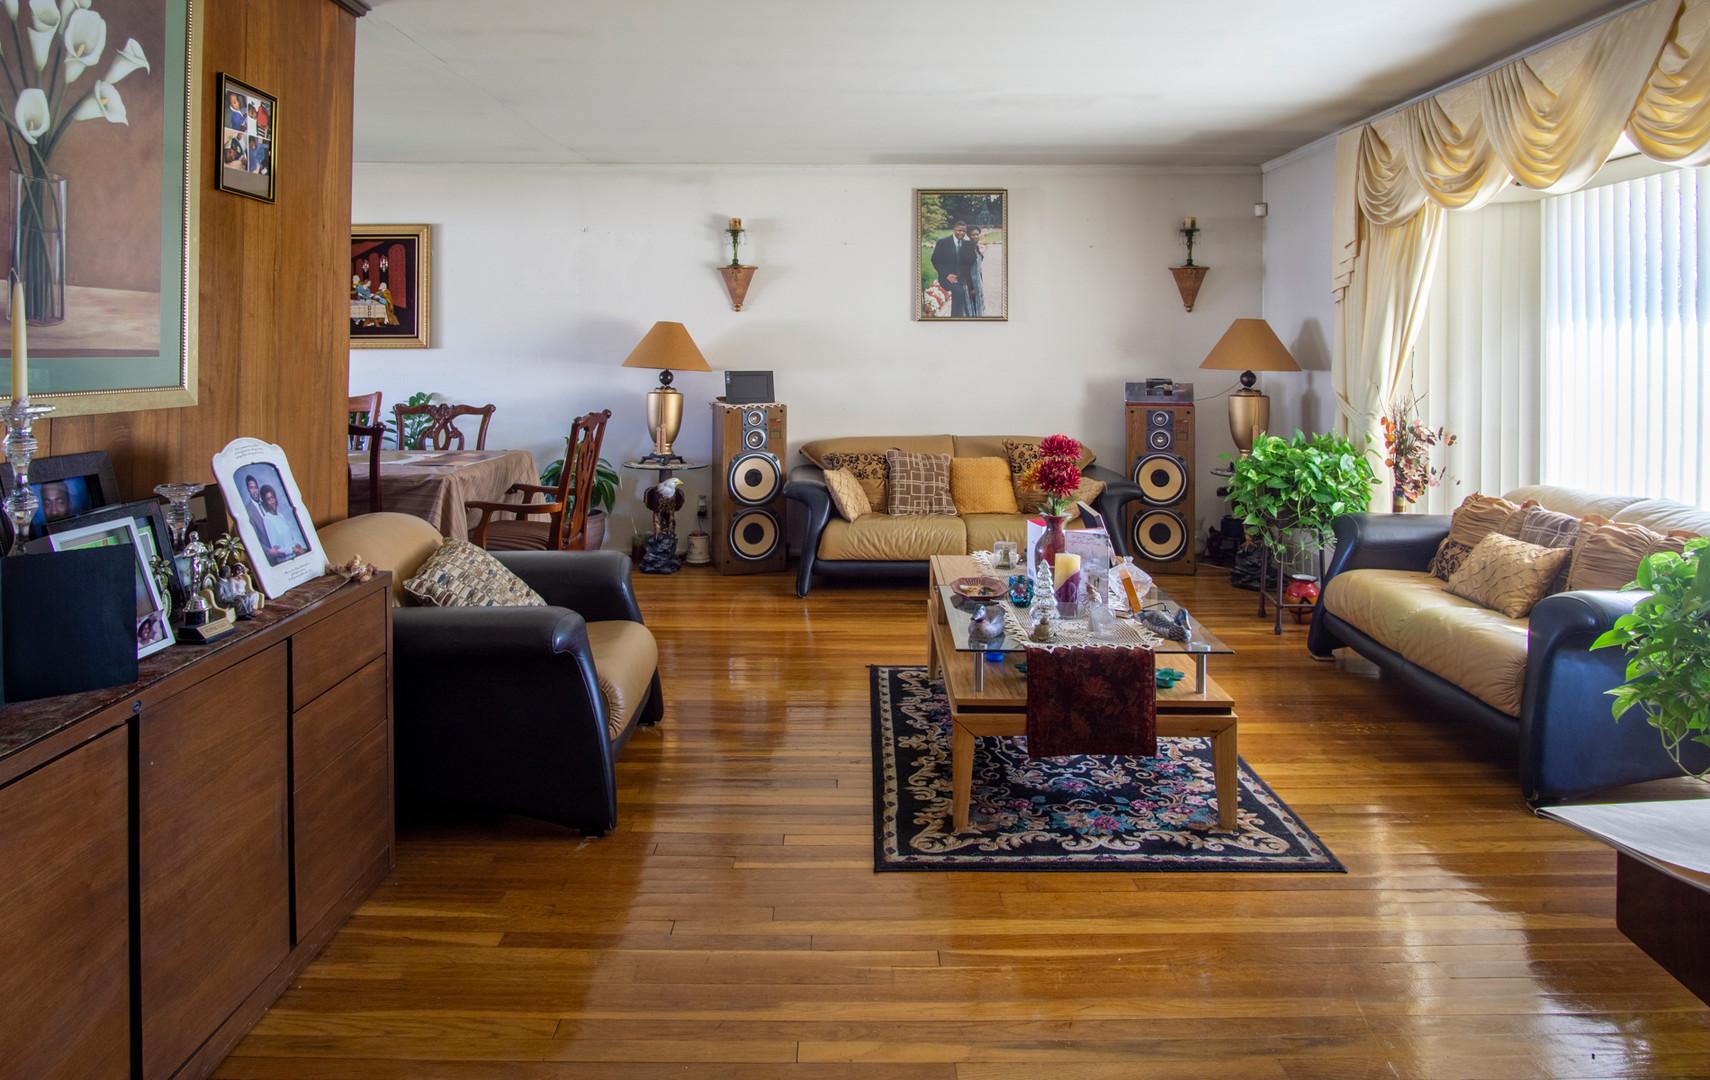 02-Living Room_01-.jpg